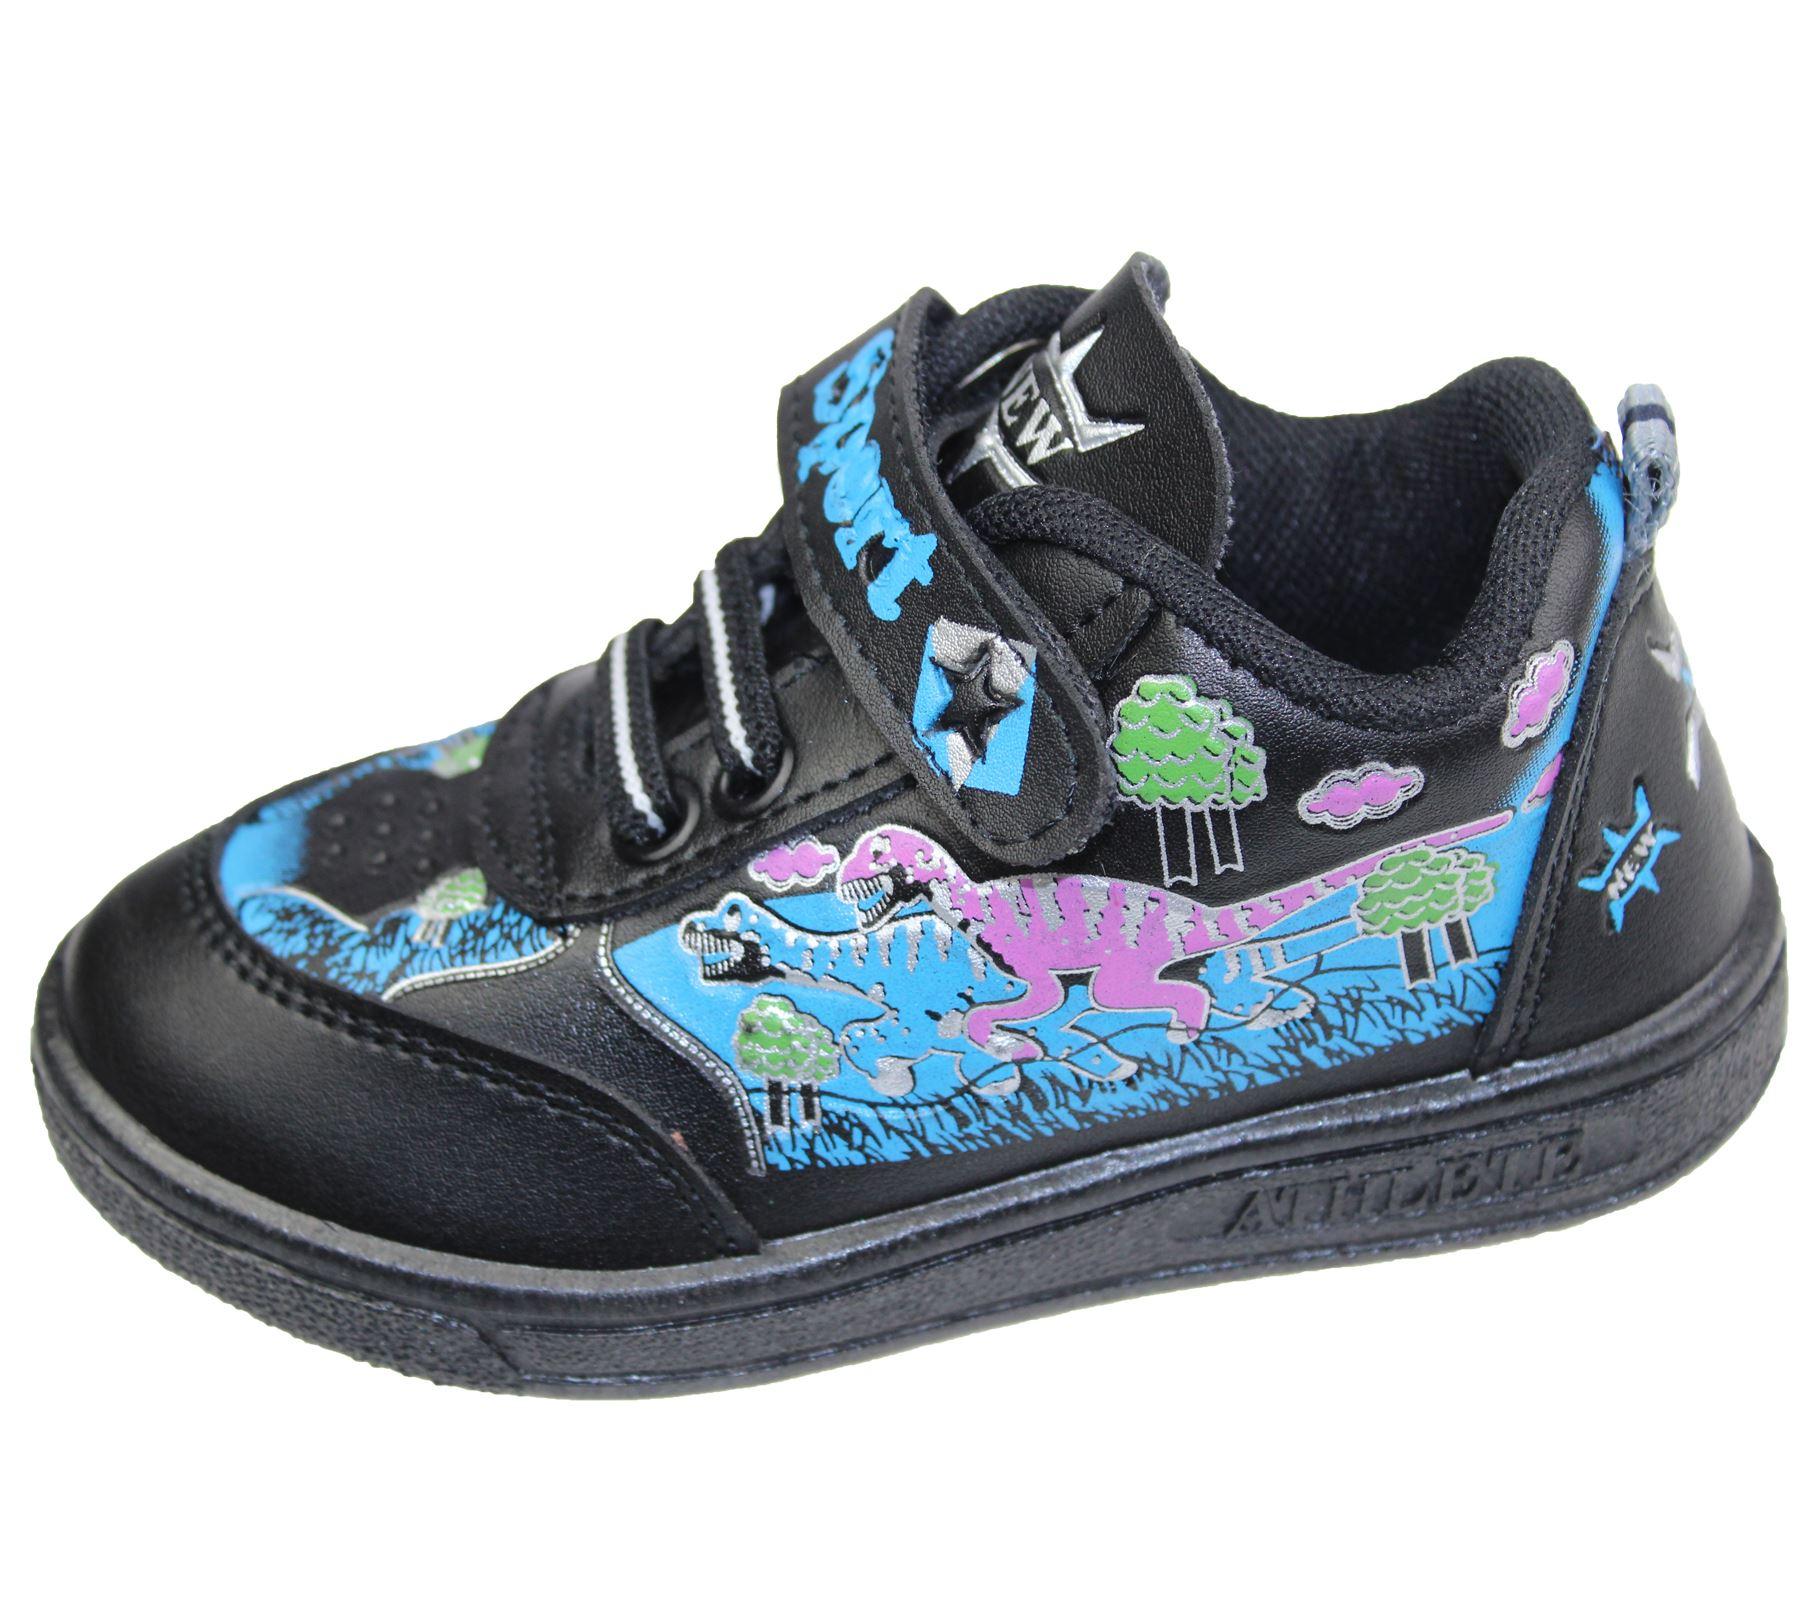 Niños Niñas Niños Zapatillas Bebés Plimsoles Bombas Zapatos para Caminar Unisex del niño